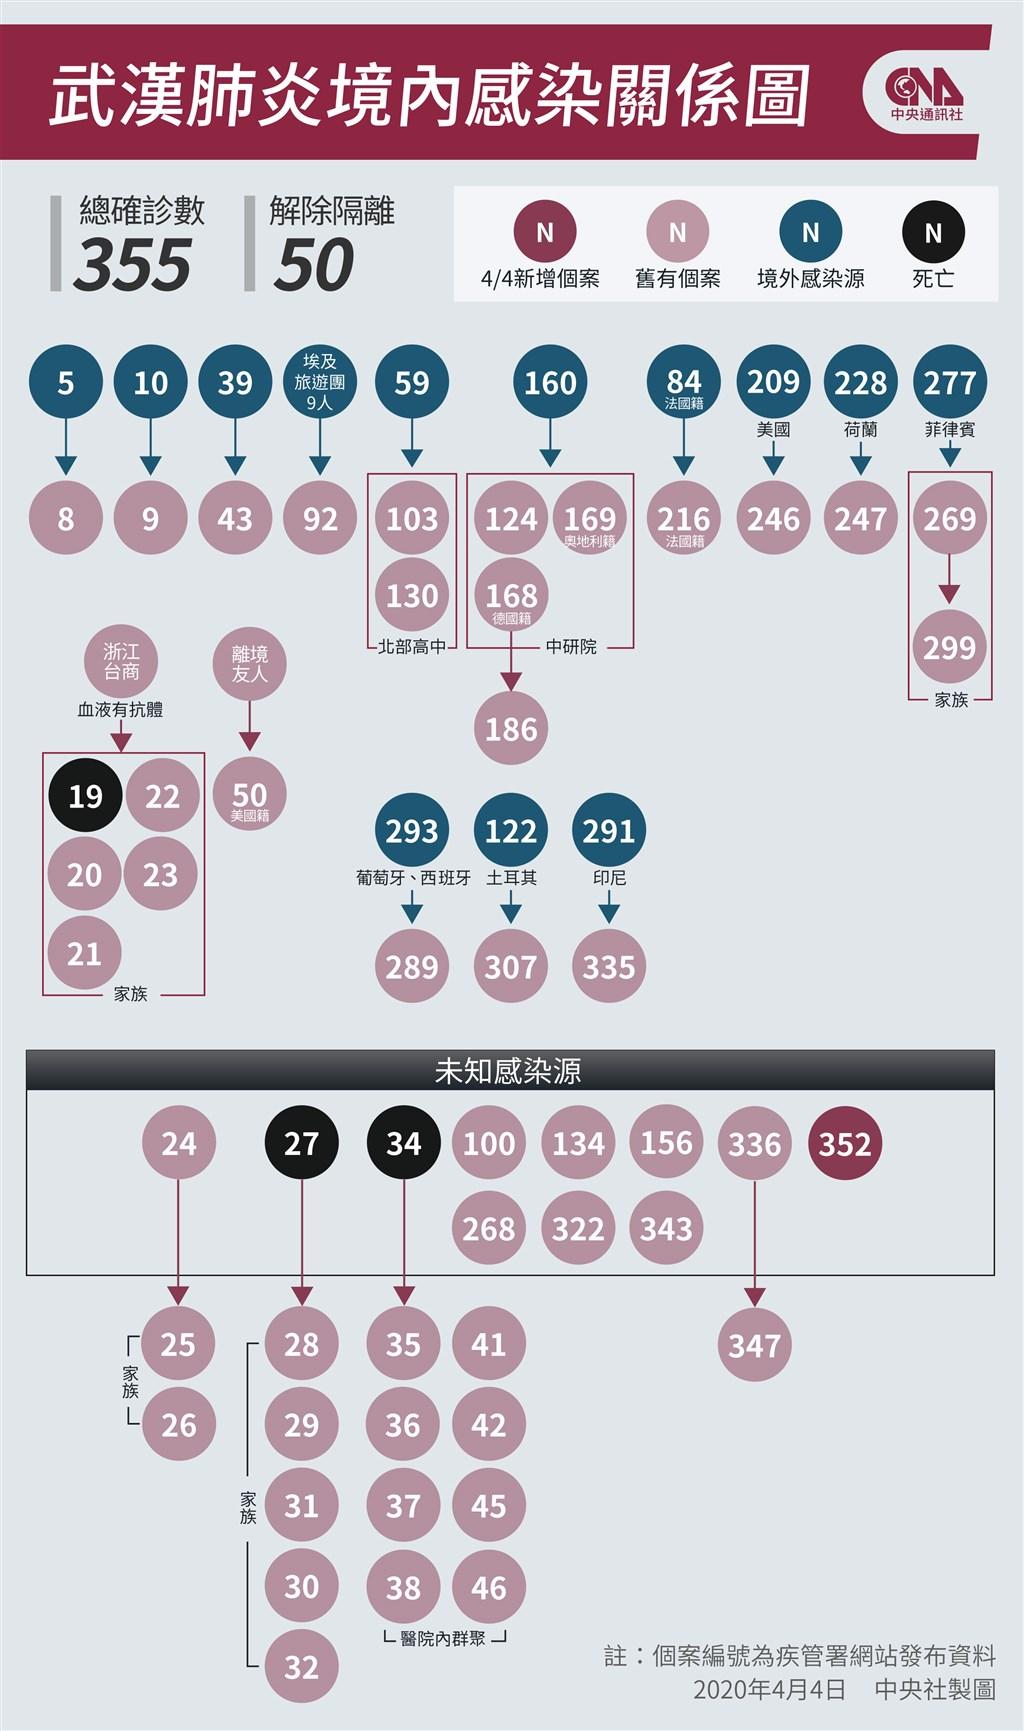 武漢肺炎疫情延燒,指揮中心4日宣布新增7例武漢肺炎病例,其中1例(案352)為本土感染。(中央社製圖)